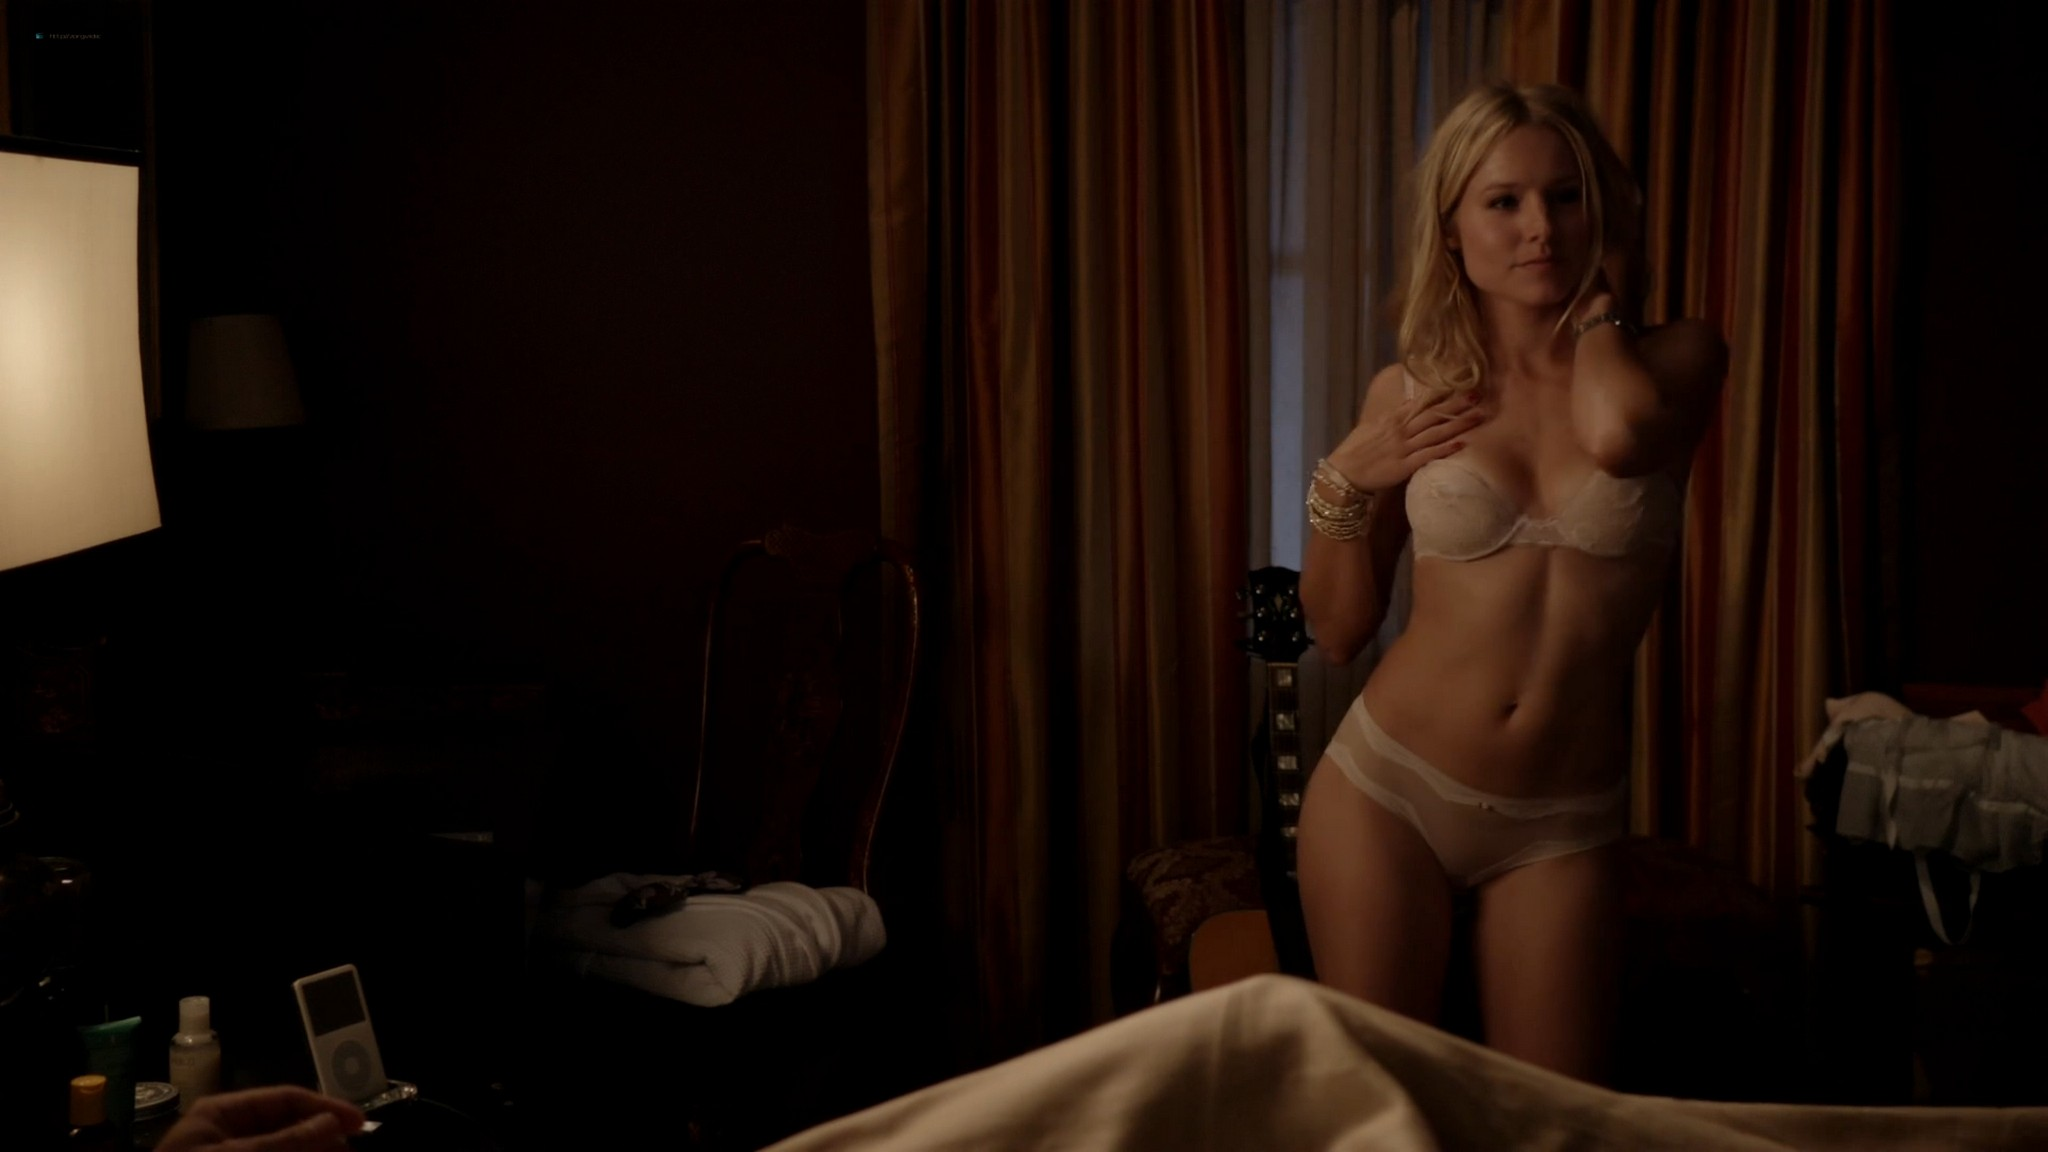 Kristen Bell hot sex Amy Landecker nude boobs House of Lies 2012 s1e3 4 1080p Web 14